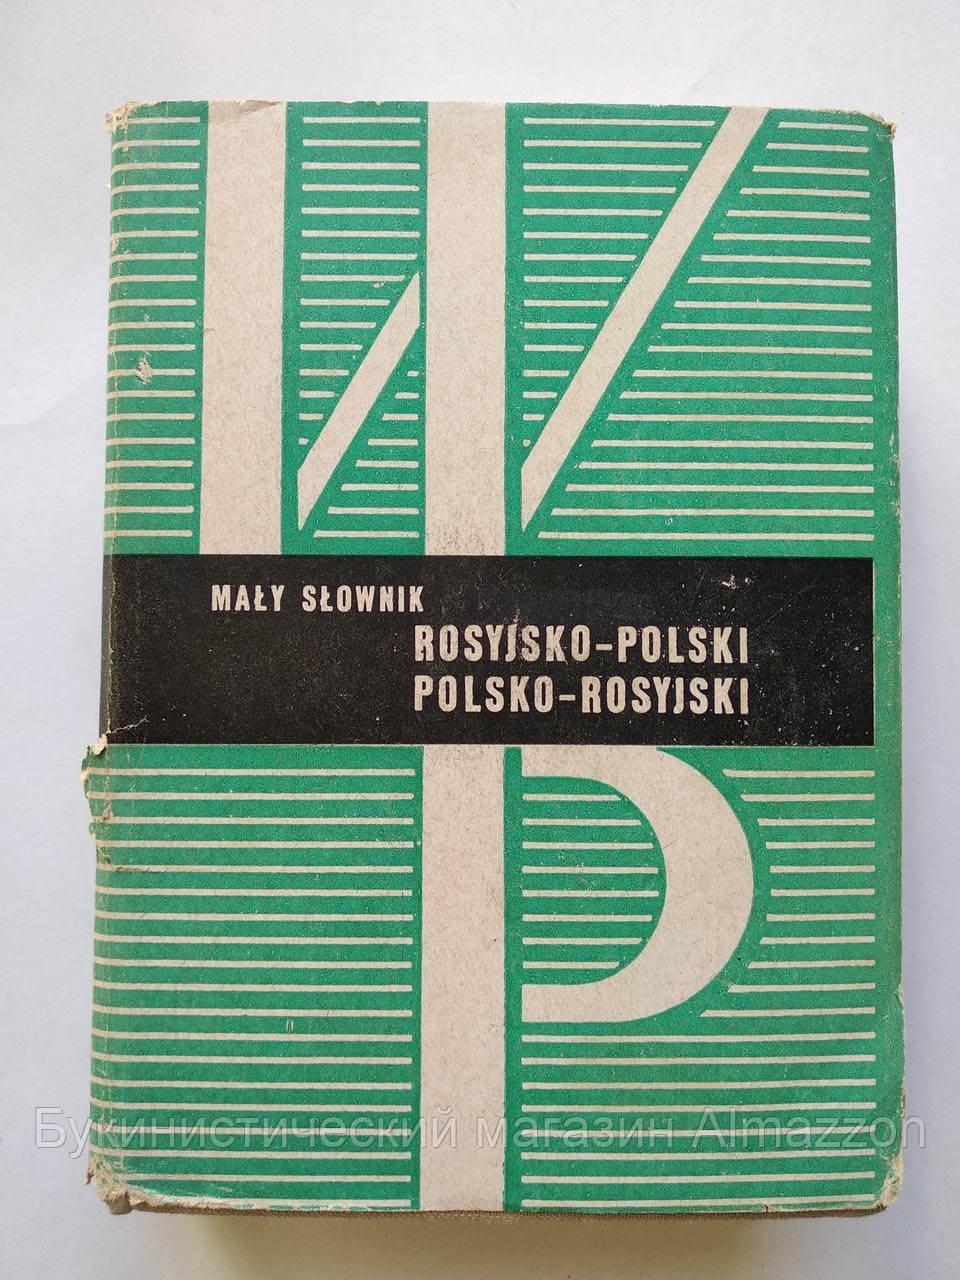 Русско-польский и польско-русский словарь.1967 год, фото 1